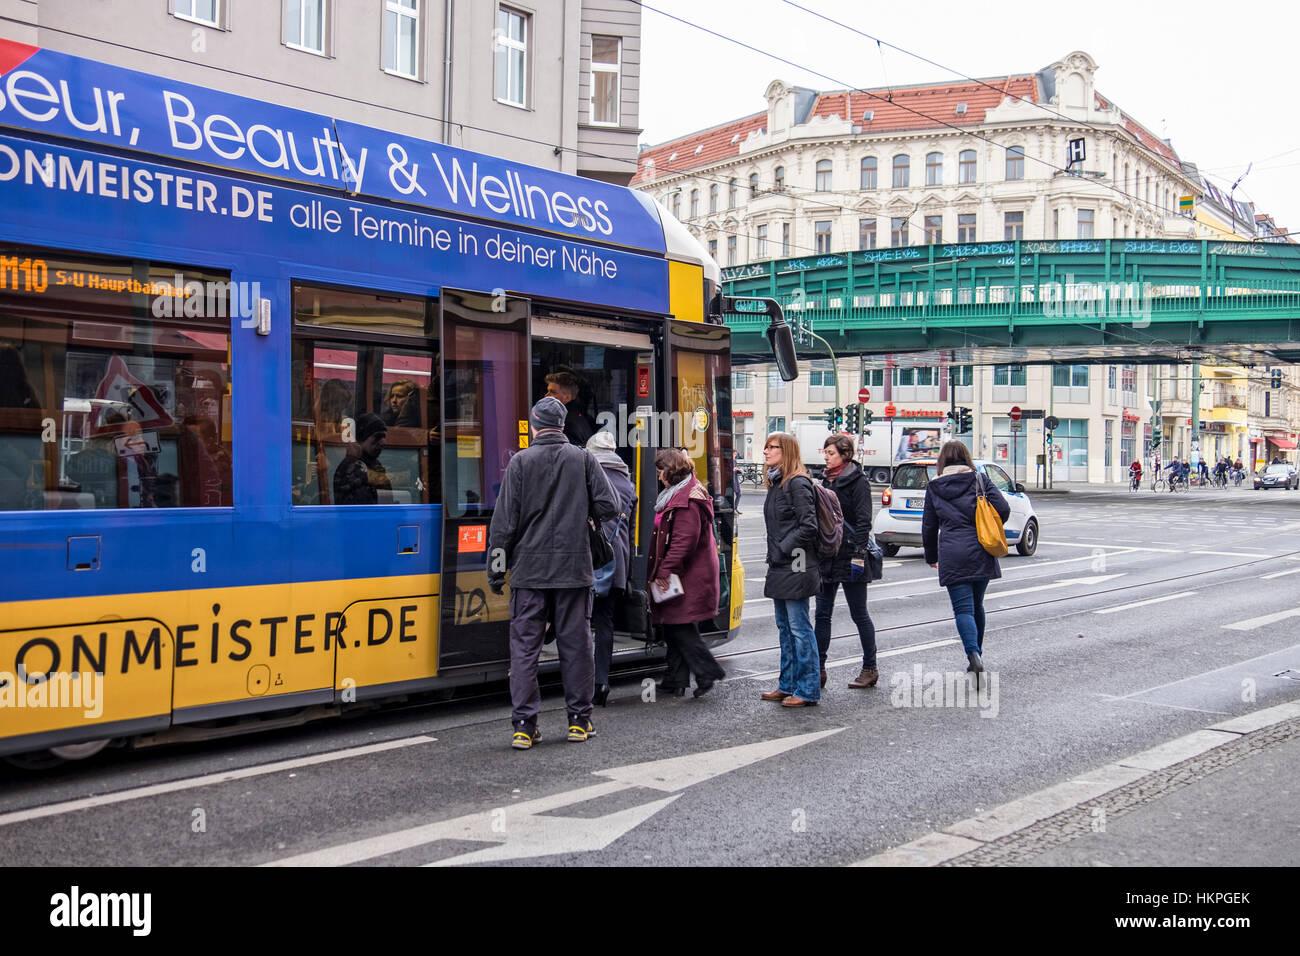 Berlin, Prenzlauer Berg, People boarding stationary tram in Berlin street. - Stock Image